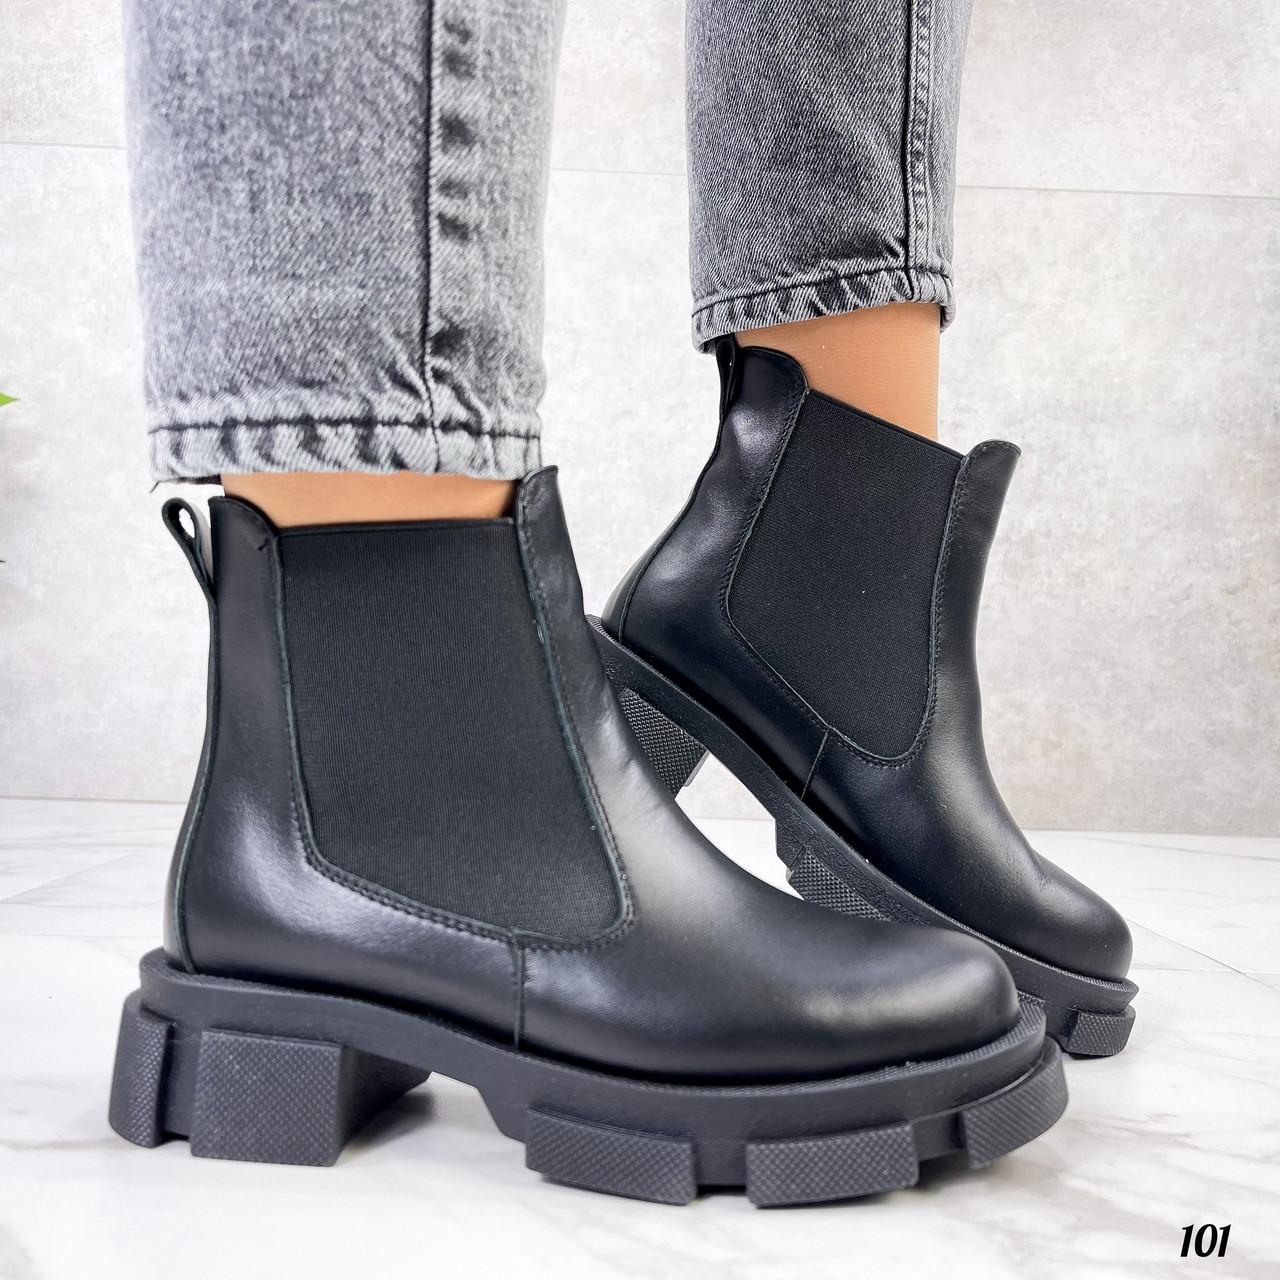 Женские ботинки ДЕМИ черные с резинкой натуральная кожа весна/ осень